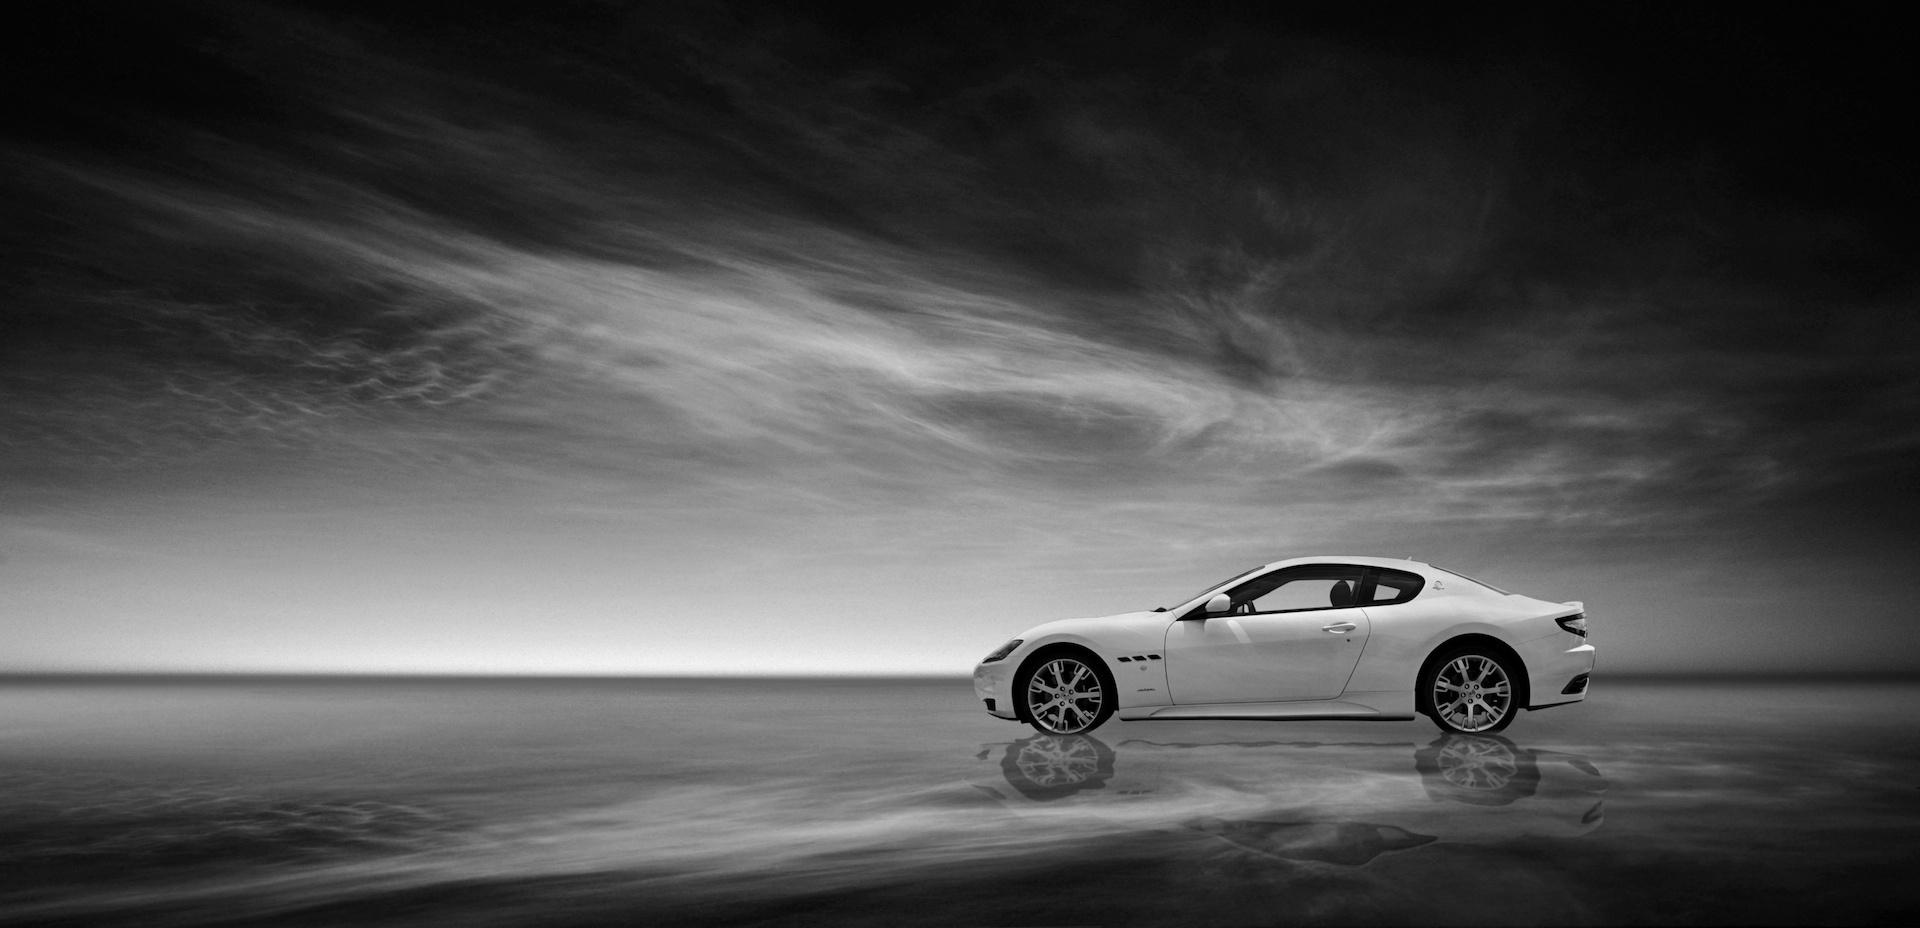 Maserati on Water